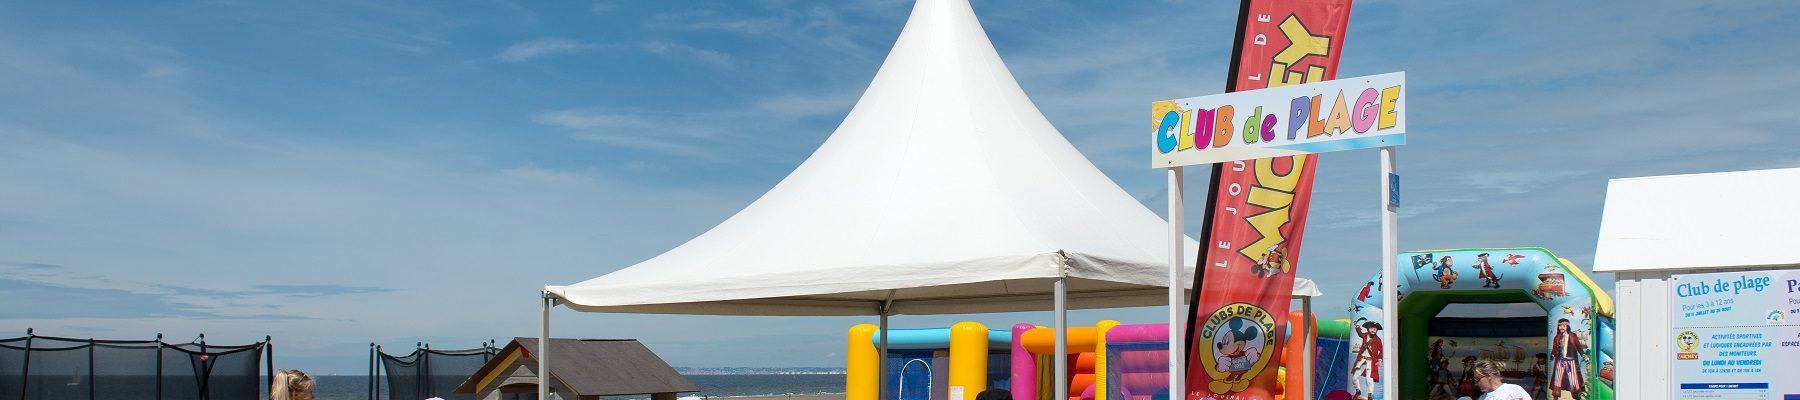 Club de plage du Méridien